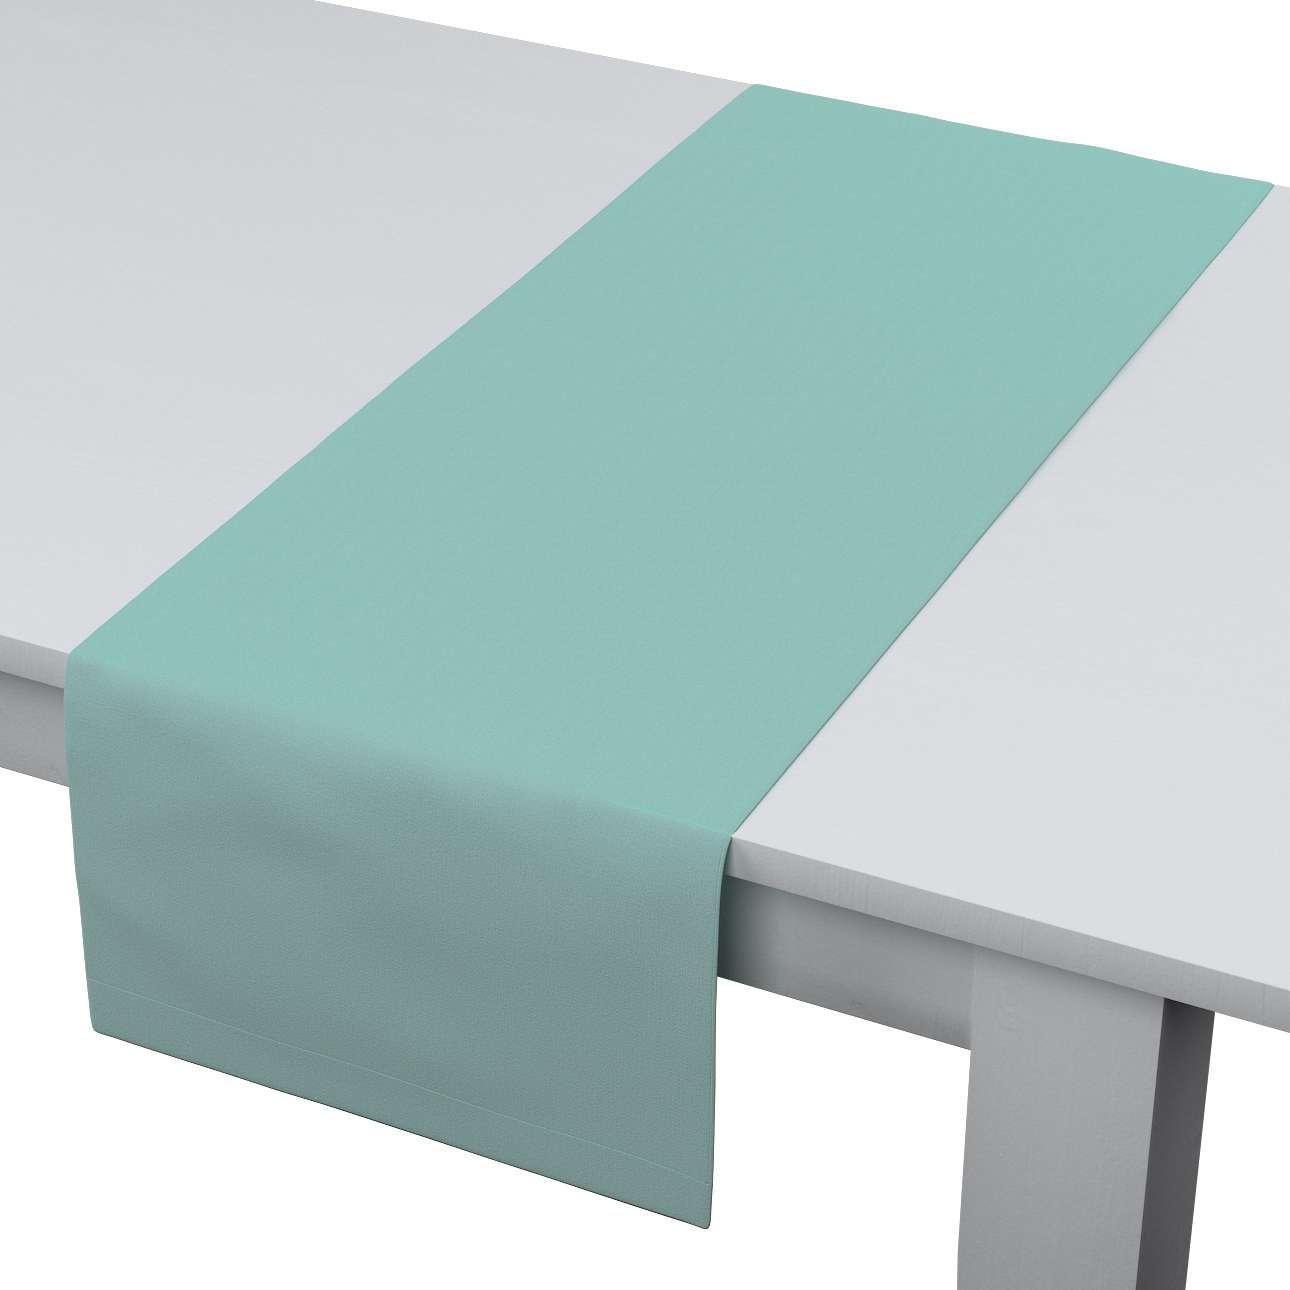 Bieżnik prostokątny 40x130 cm w kolekcji Loneta, tkanina: 133-32